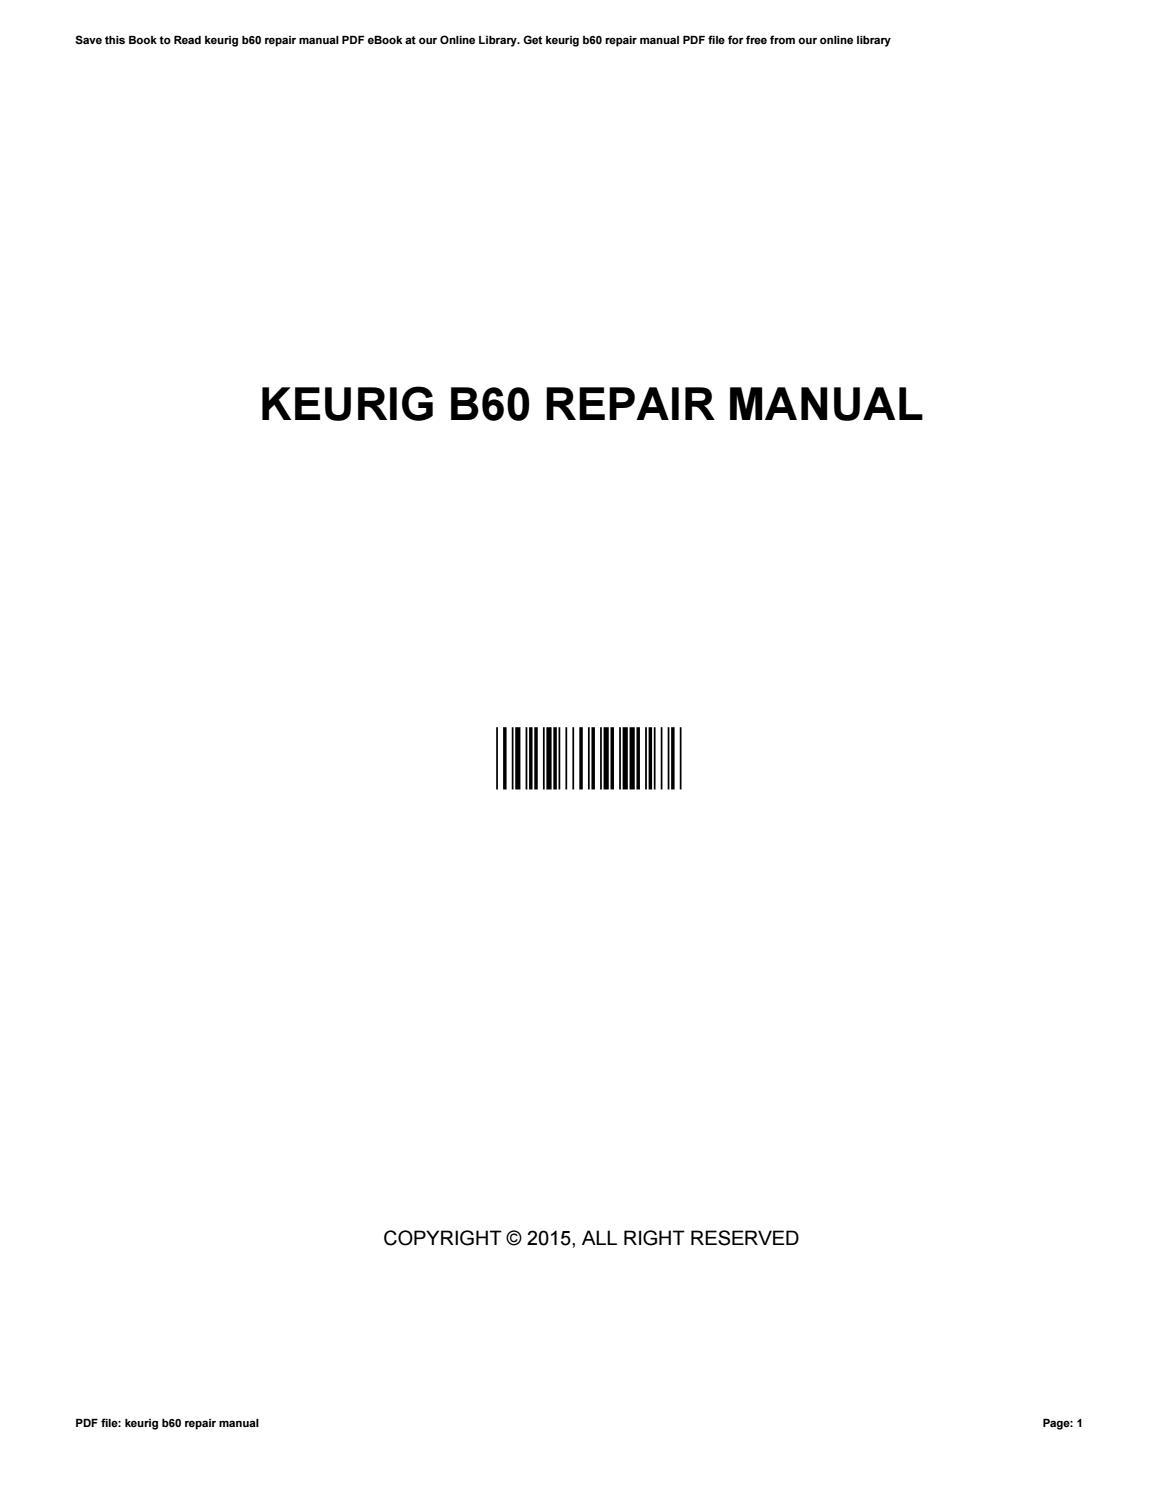 keurig b60 repair manual by johnnieludwig4570 issuu rh issuu com keurig b60 owner's manual keurig b60 owners manual pdf